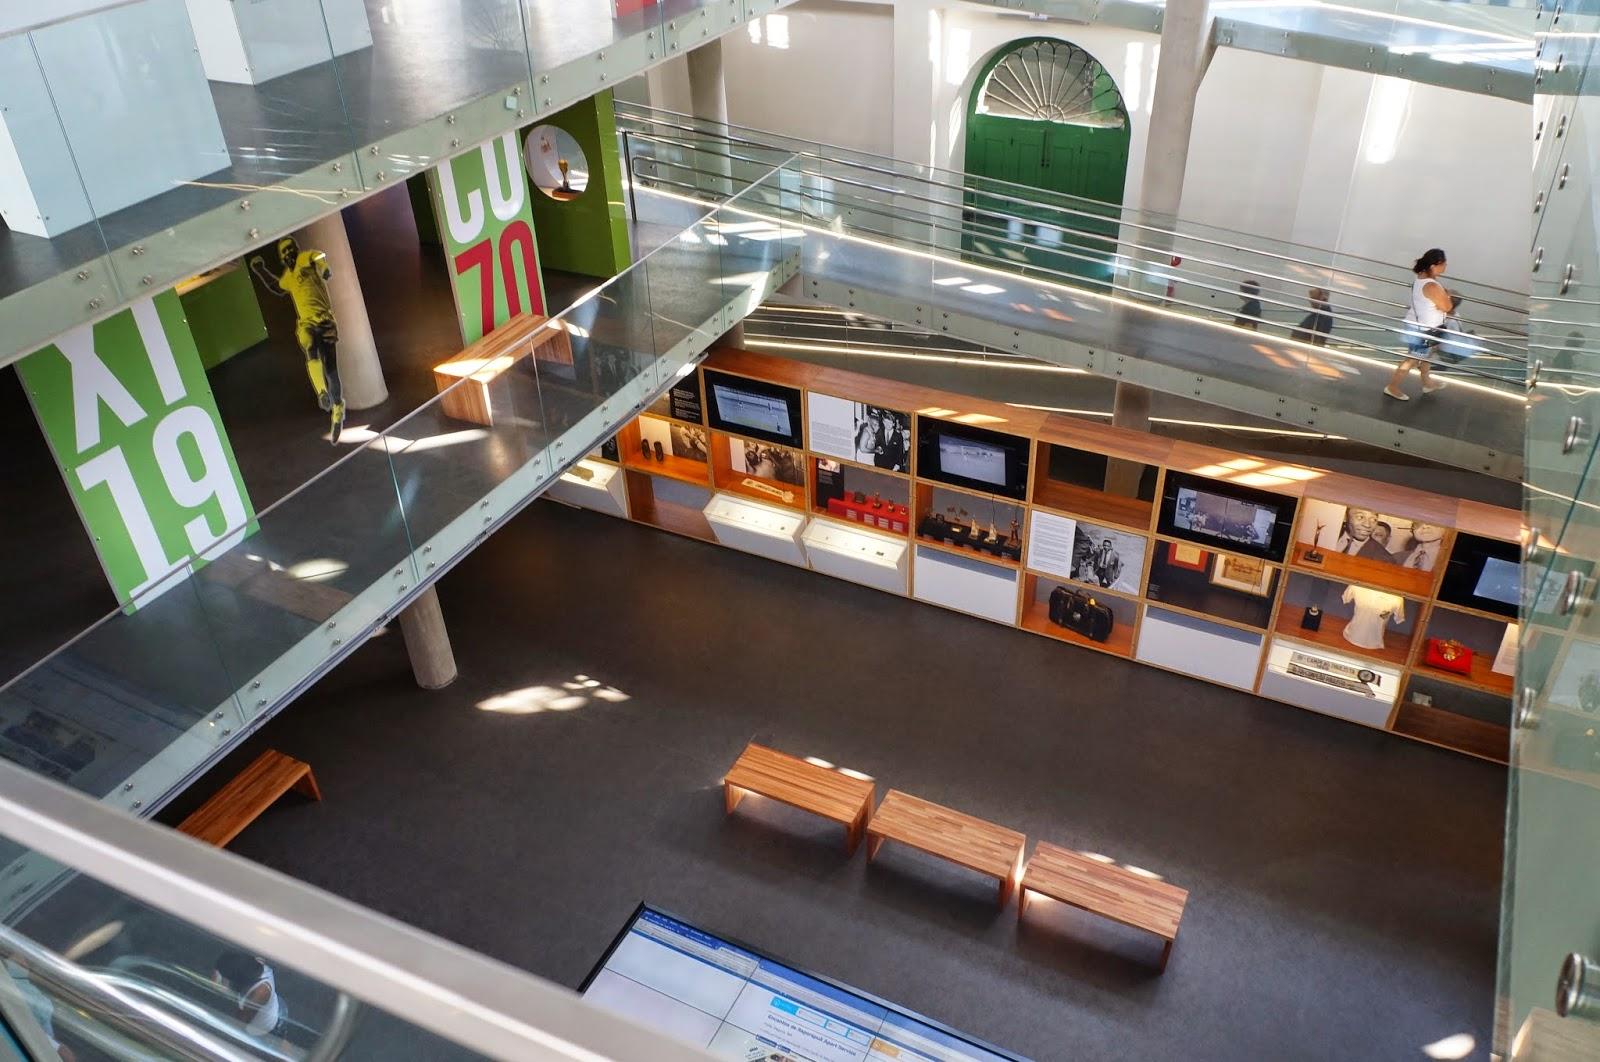 interiores do Museu Pelé com mezaninos conectados por rampas laterais